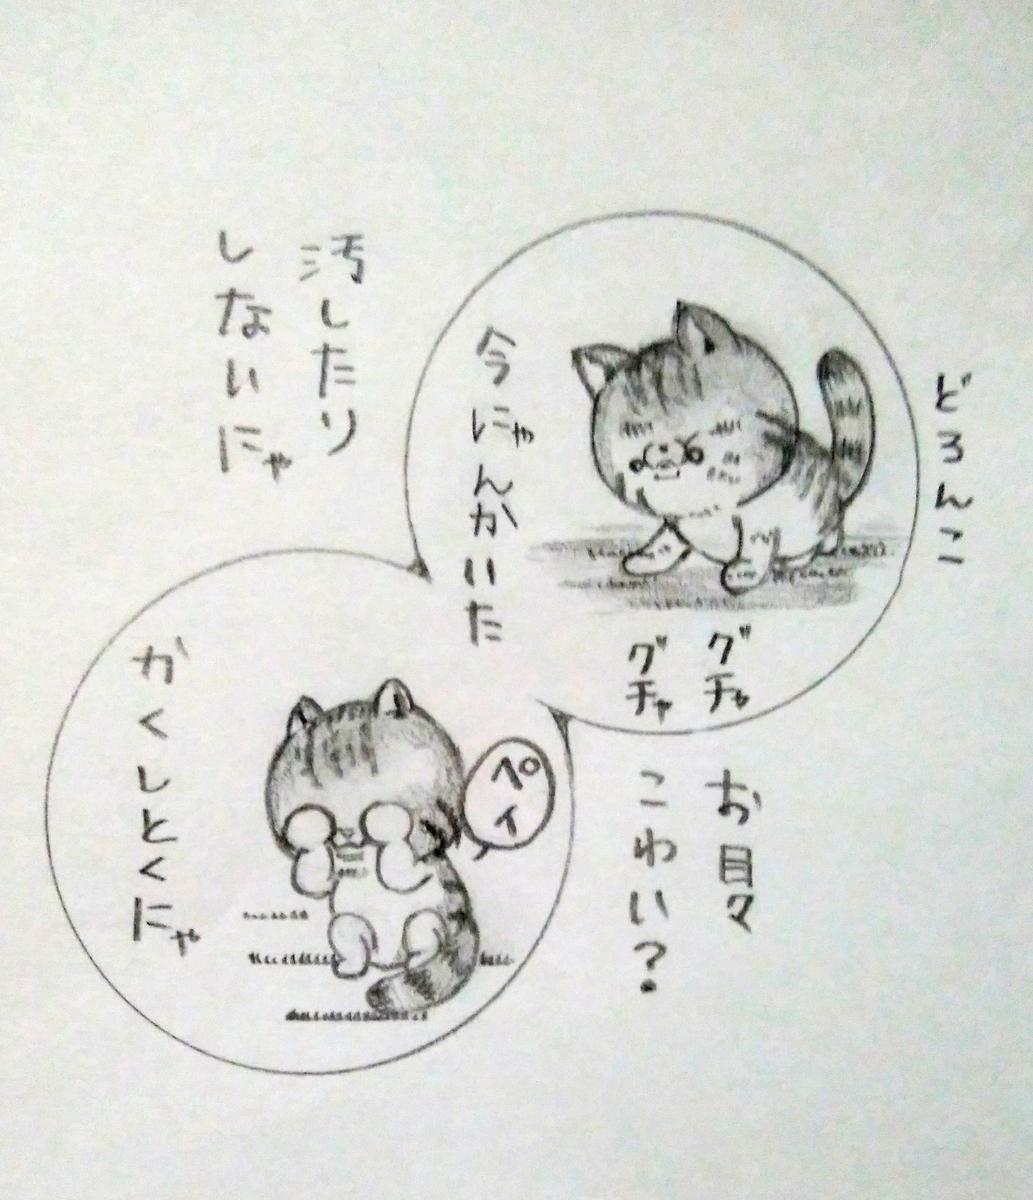 f:id:maricats:20210117011239j:plain